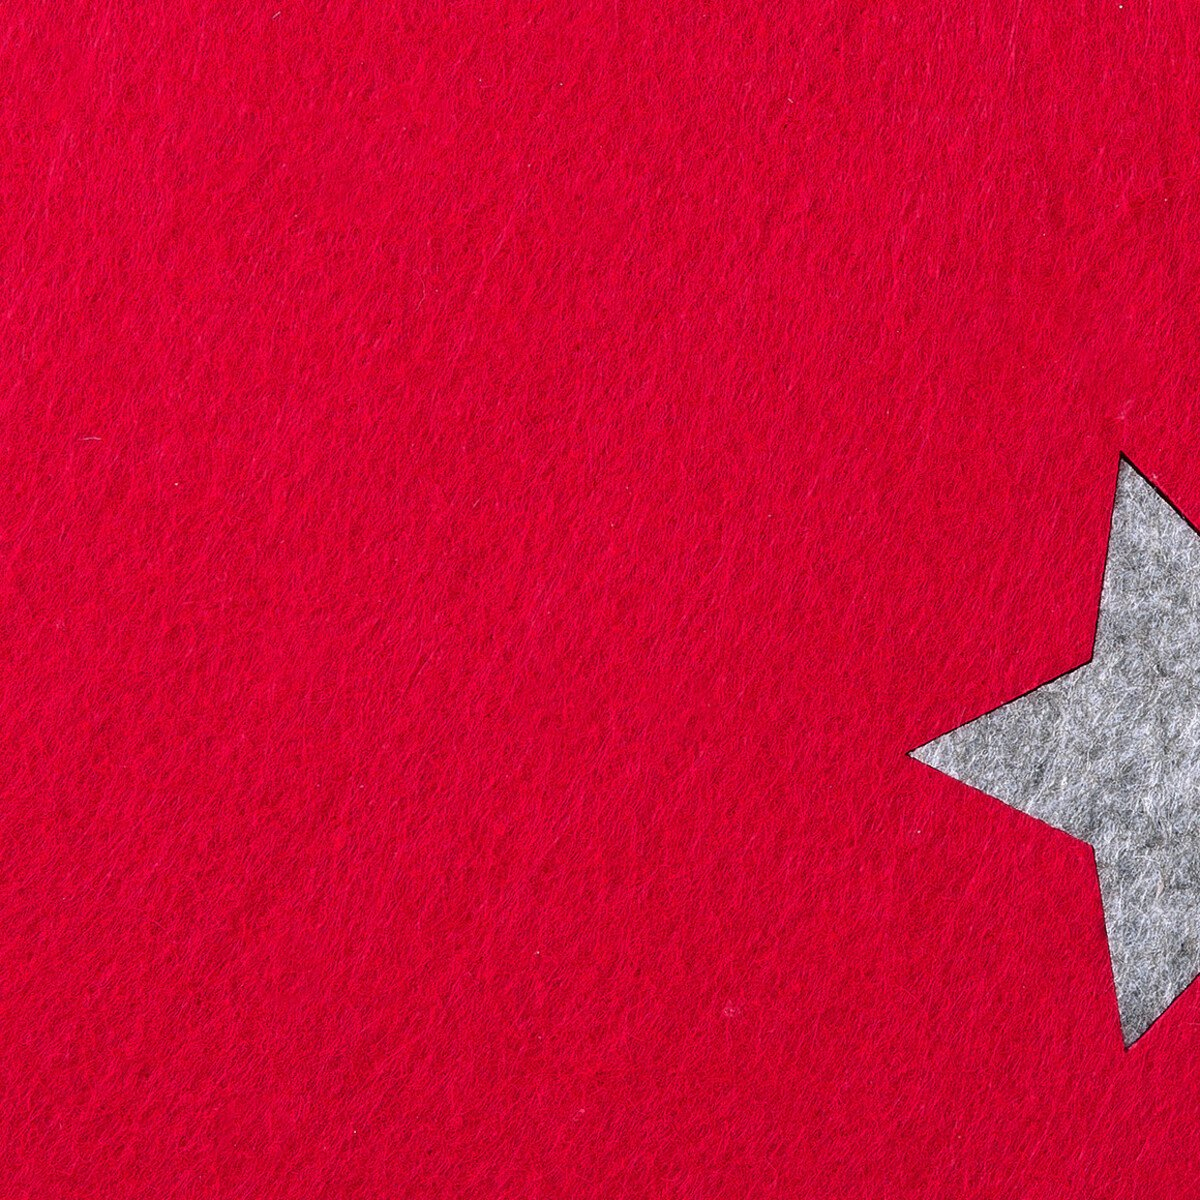 Bild 3 von Platzset in Sternform